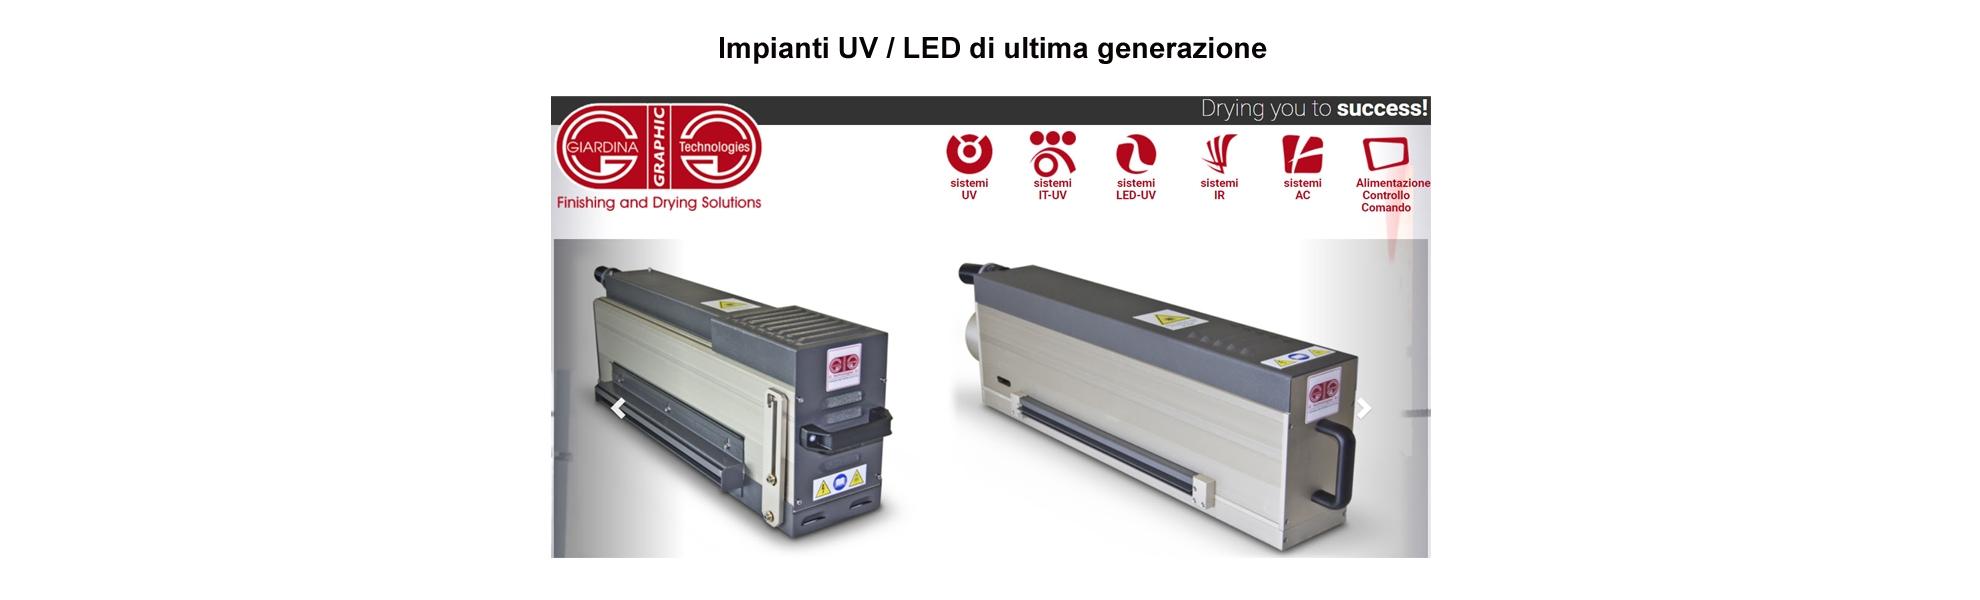 Impianti UV / LED